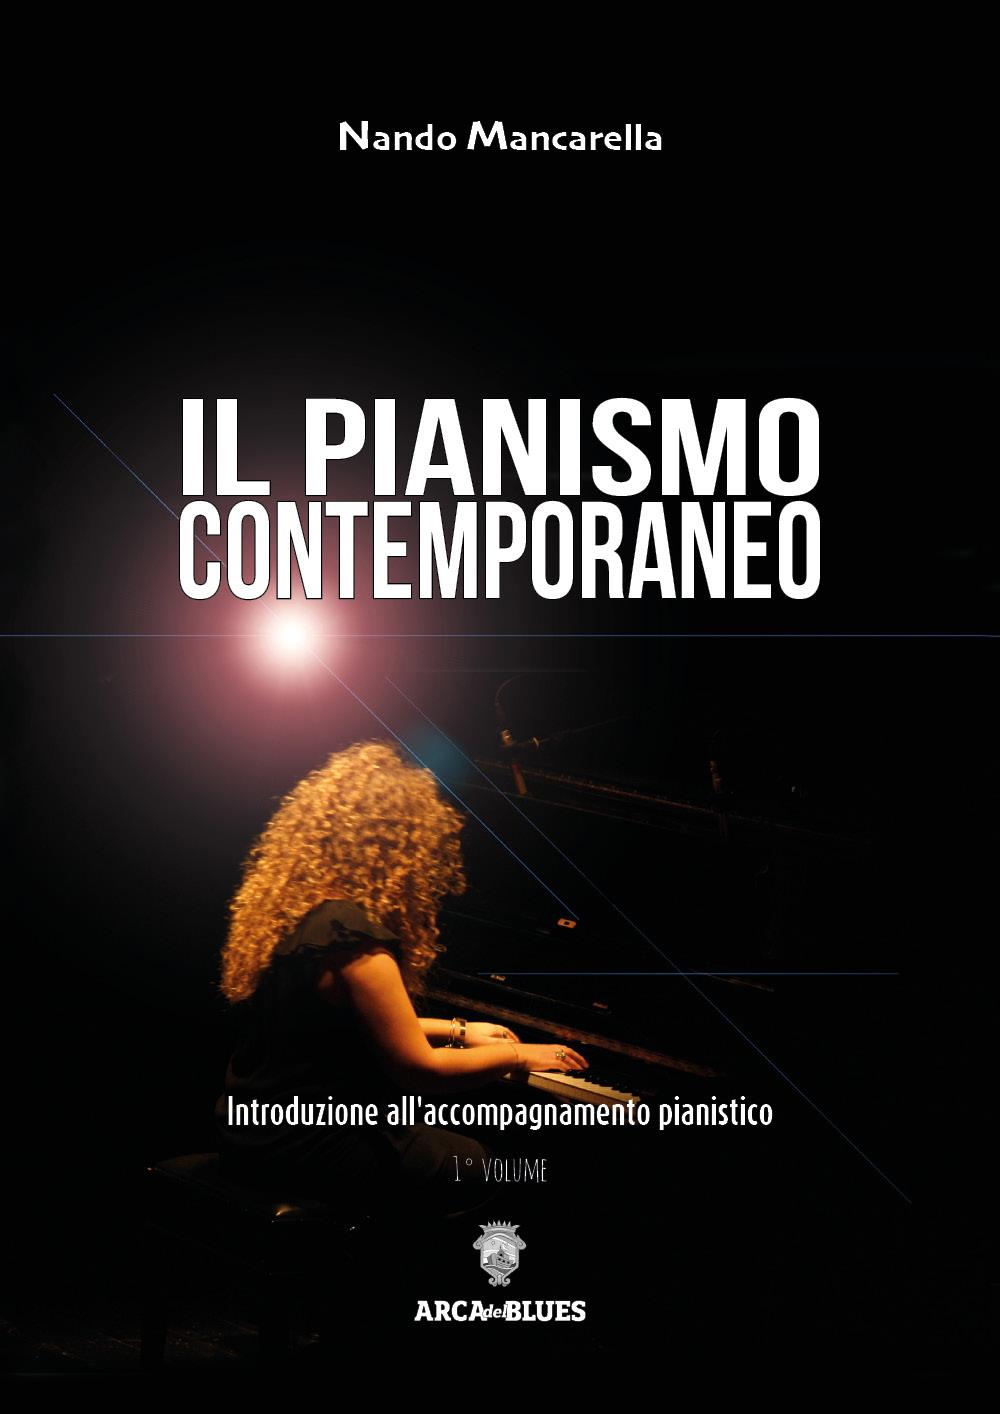 Il pianismo contemporaneo